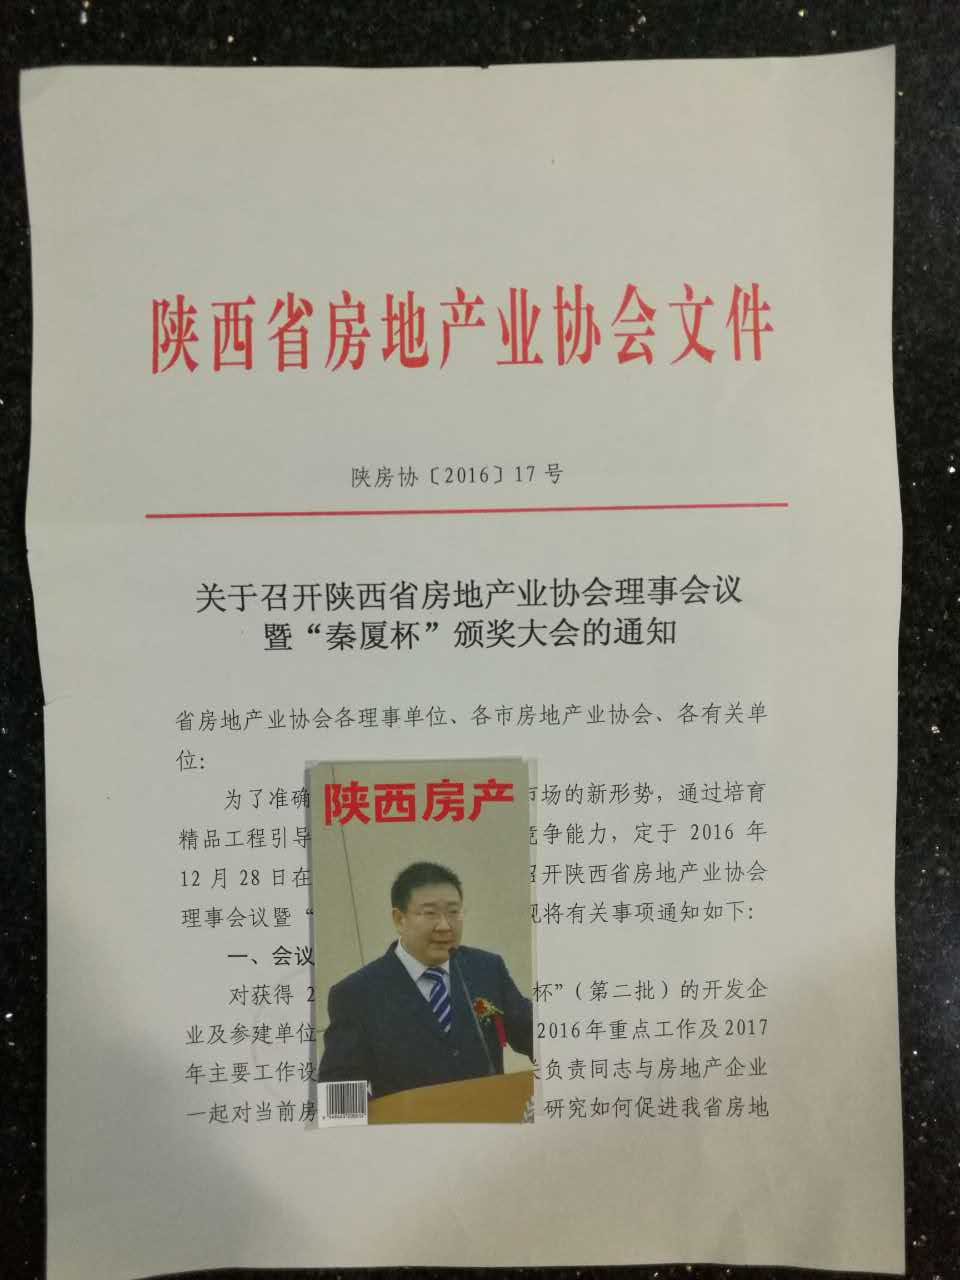 http://www.xarenfu.com/caijingfenxi/31550.html